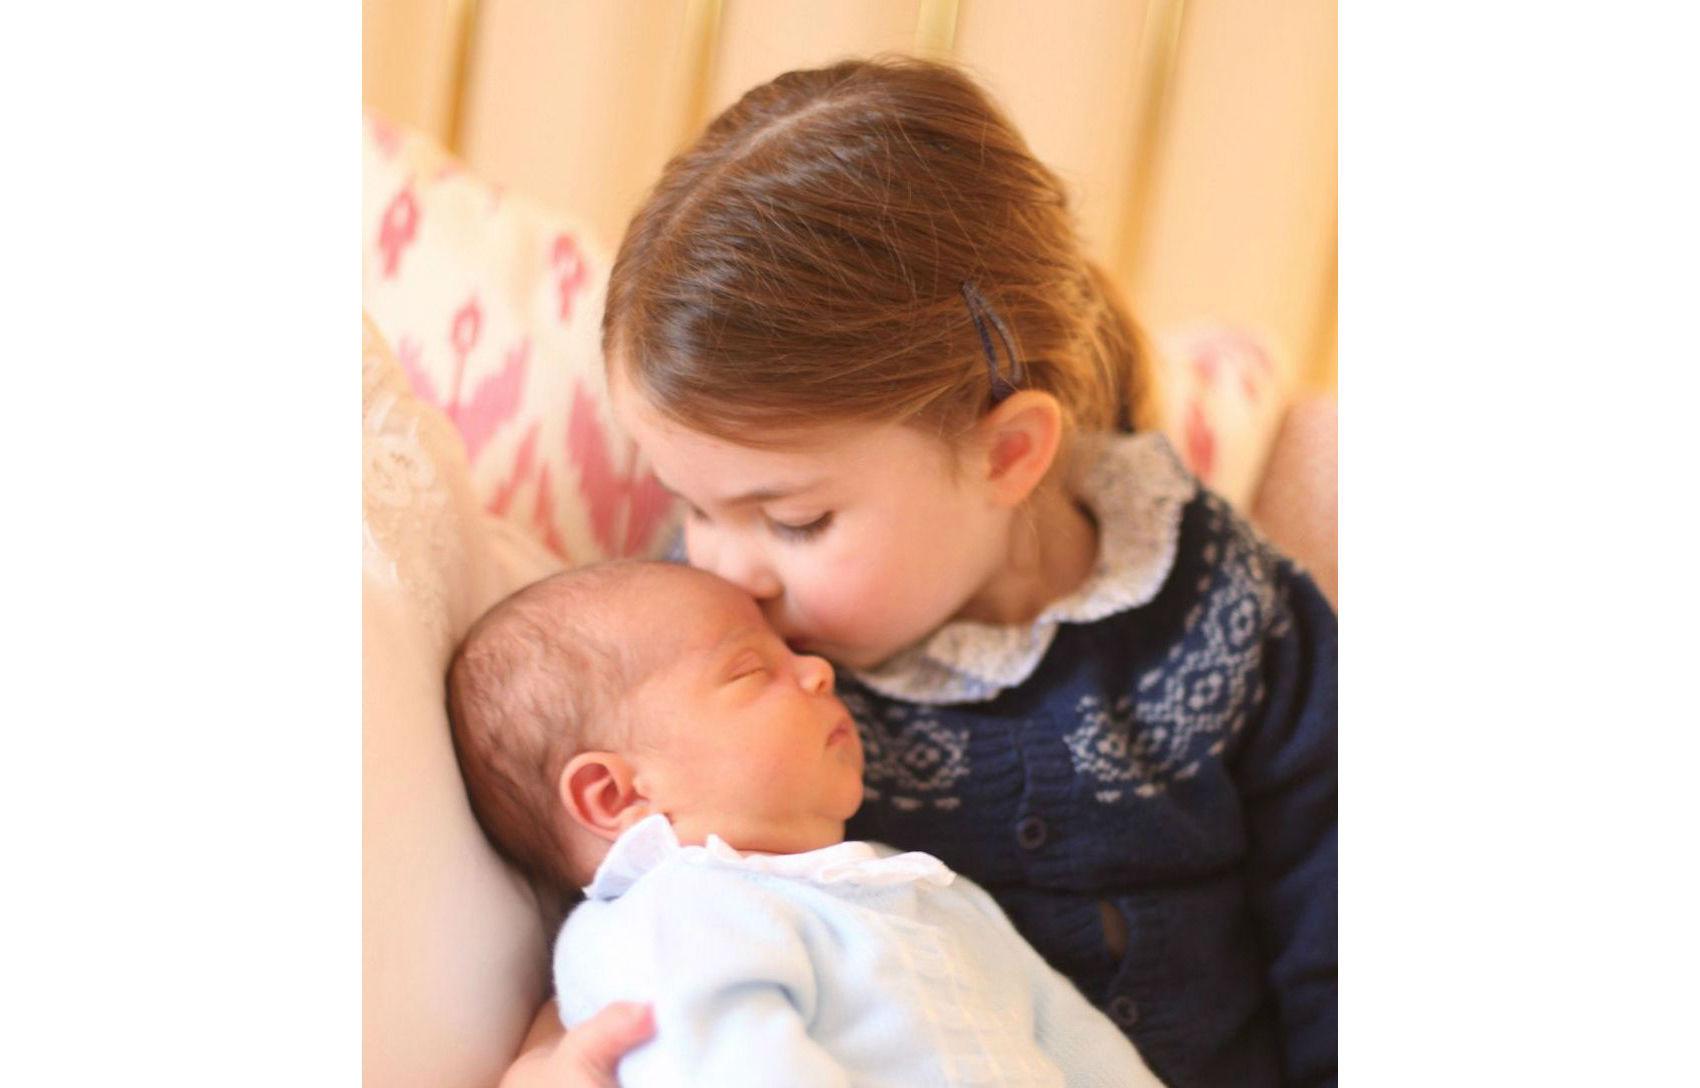 Королевская семья показала первые снимки новорожденного принца Луи